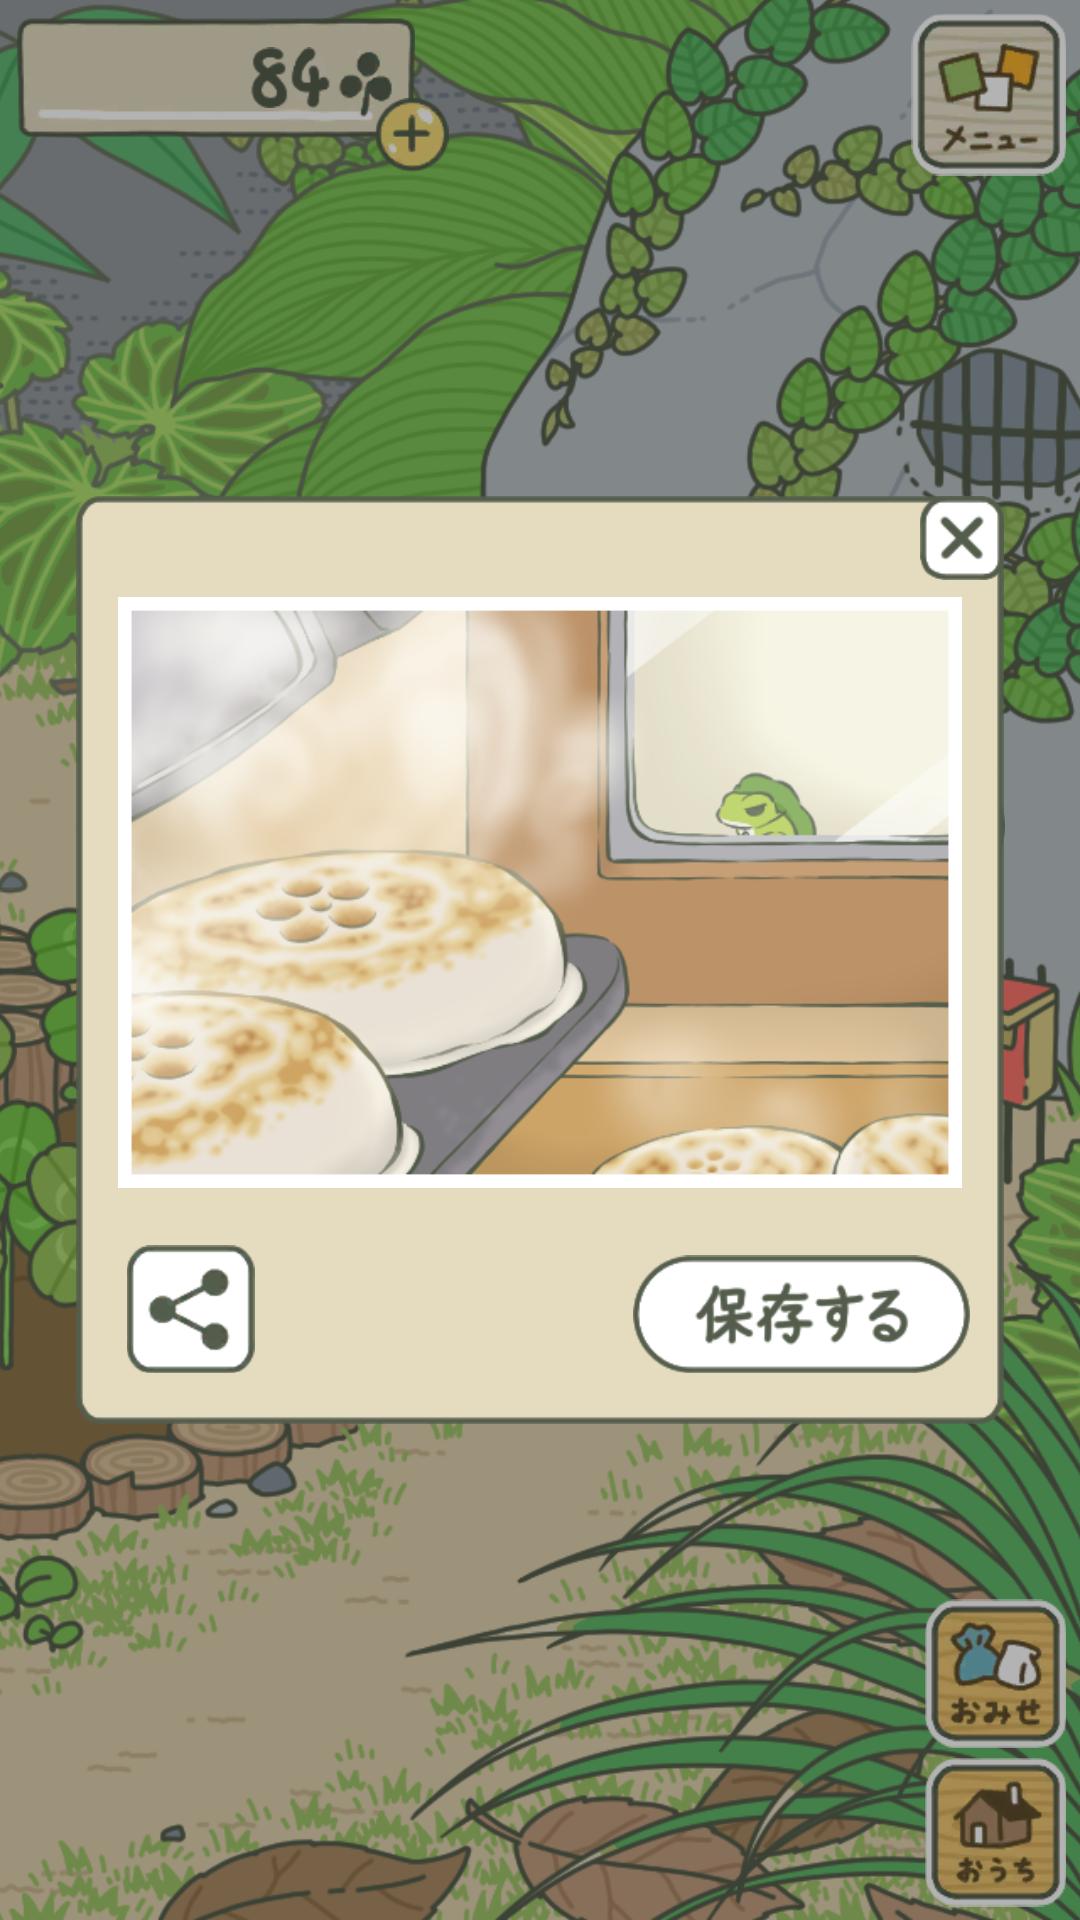 【アプリ】旅かえるやっていますか?   ★★ネタバレ注意★★